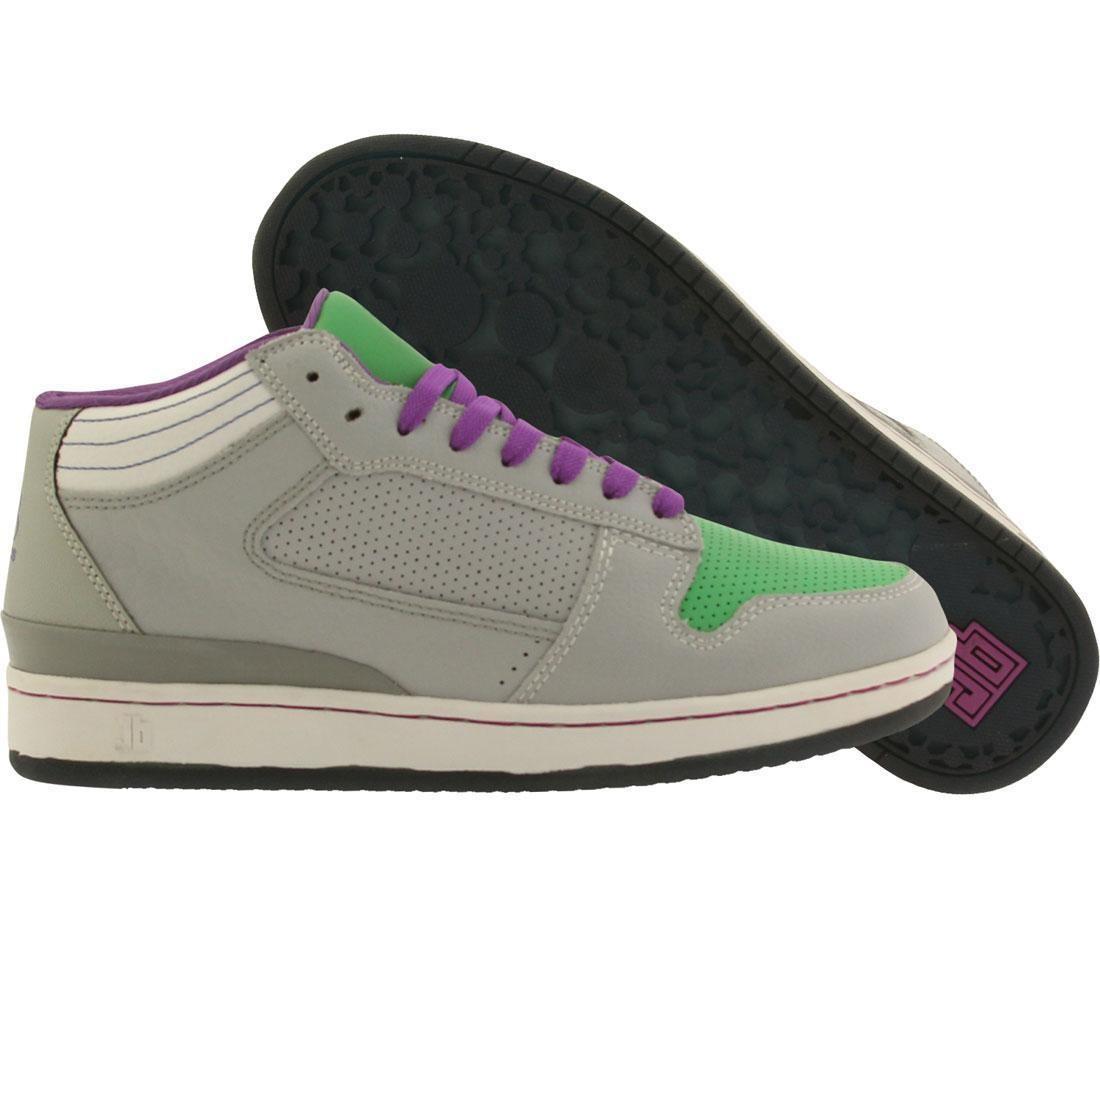 【海外限定】ミッド 緑 グリーン スニーカー 靴 【 GREEN JB CLASSICS GETLO MID NAVIES BIGHT CEMENT PURPLE 】